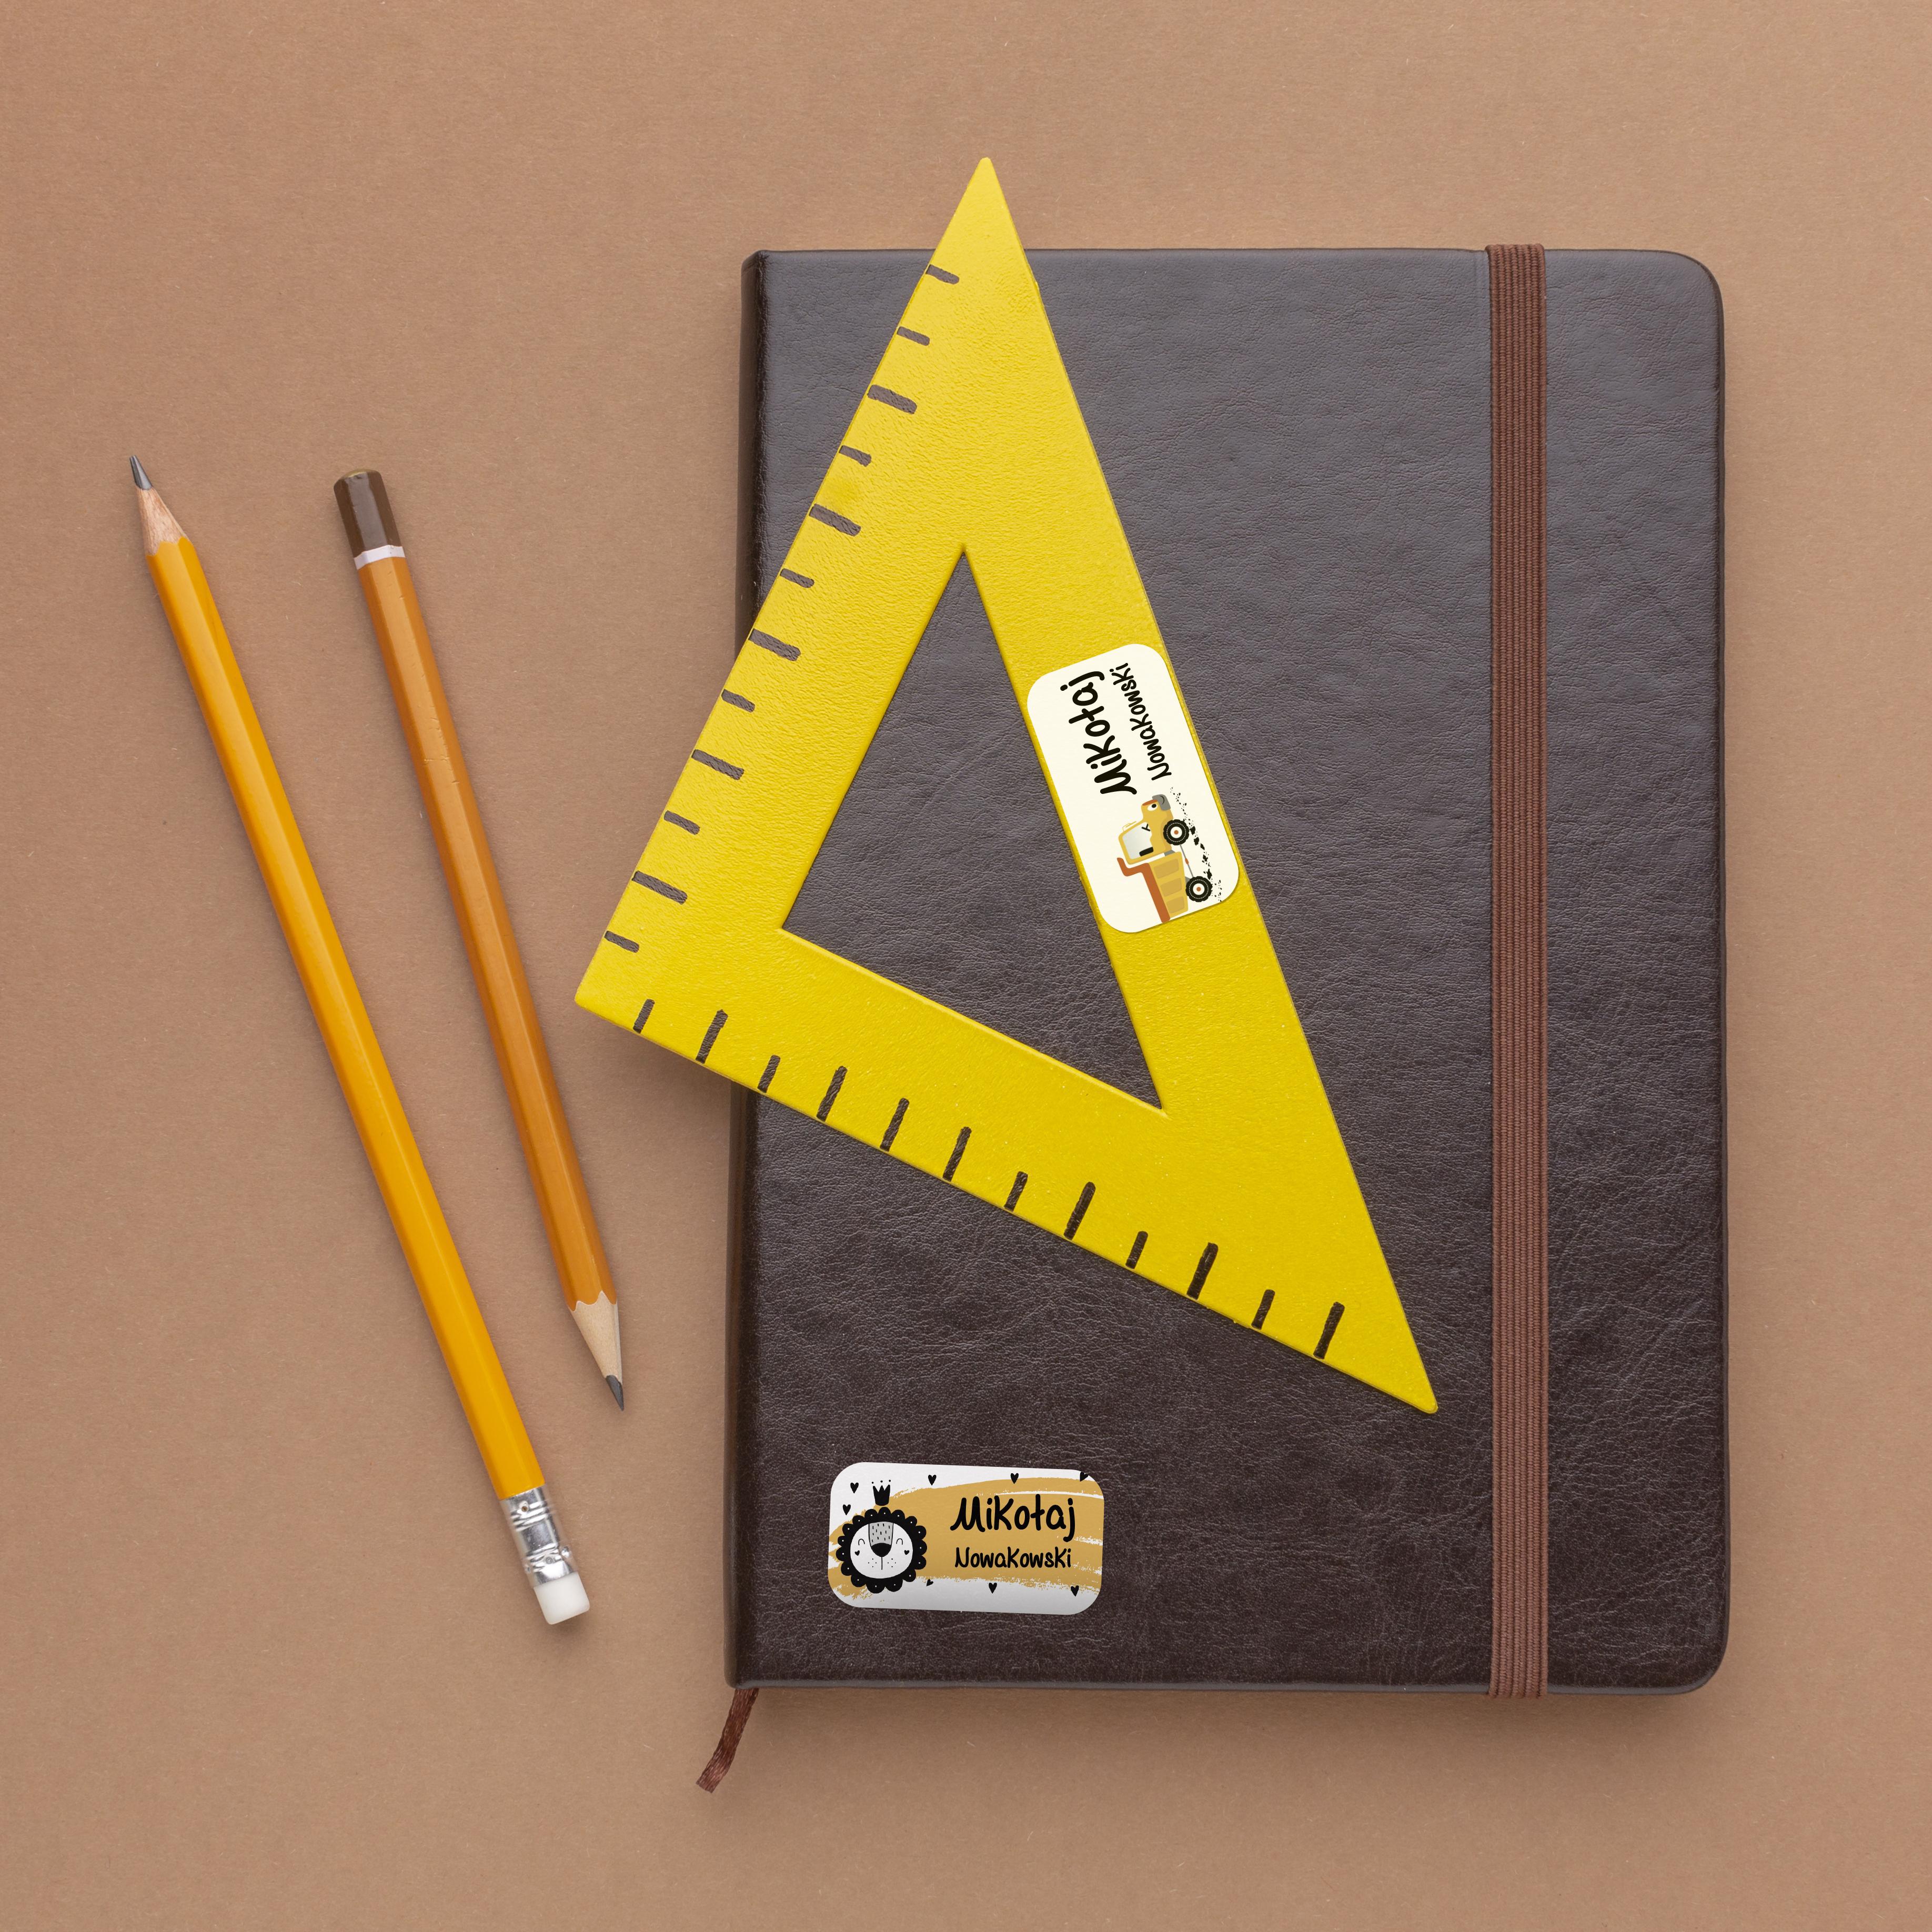 Naklejki szkolne imienne imienniki na zeszyty przybory szkolne twój własny nadruk